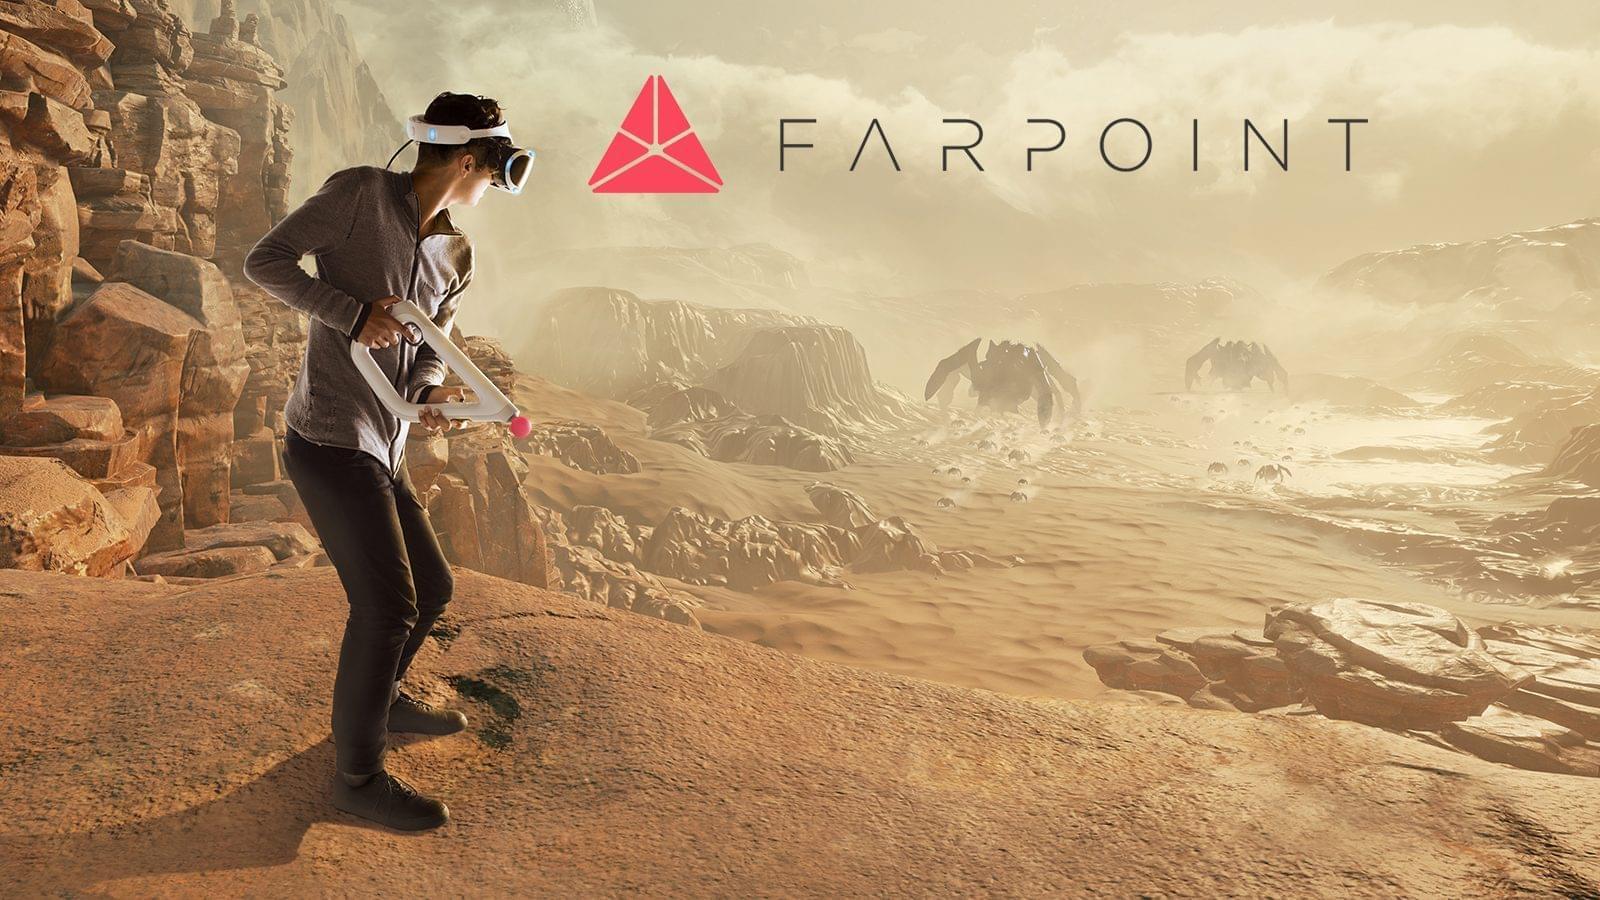 Топ-рейтинг лучших VR игр для PlayStation VR за 2017 год